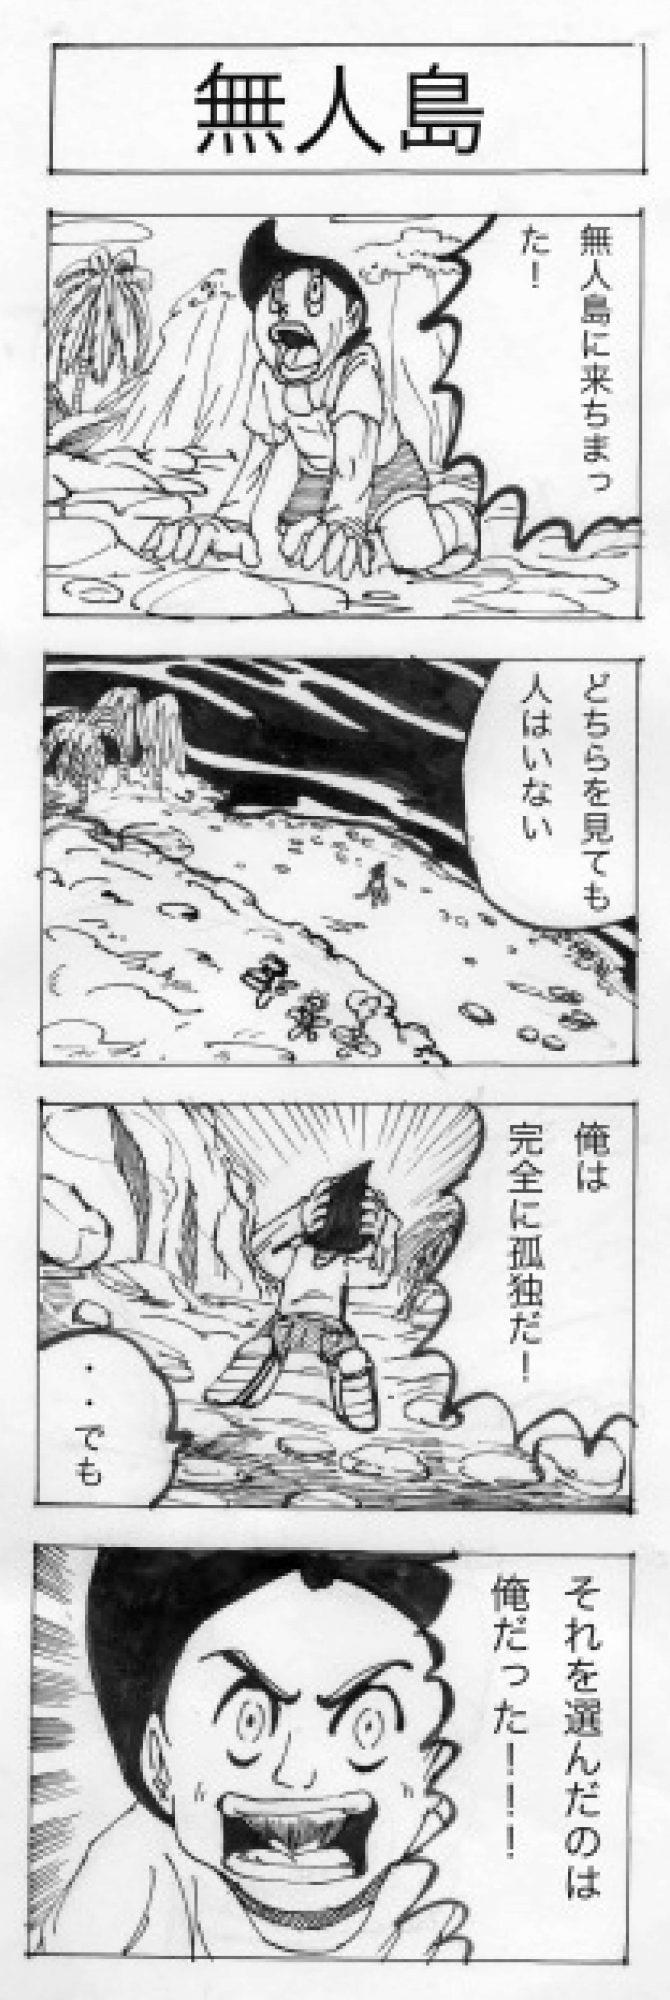 四コマ漫画劇場002